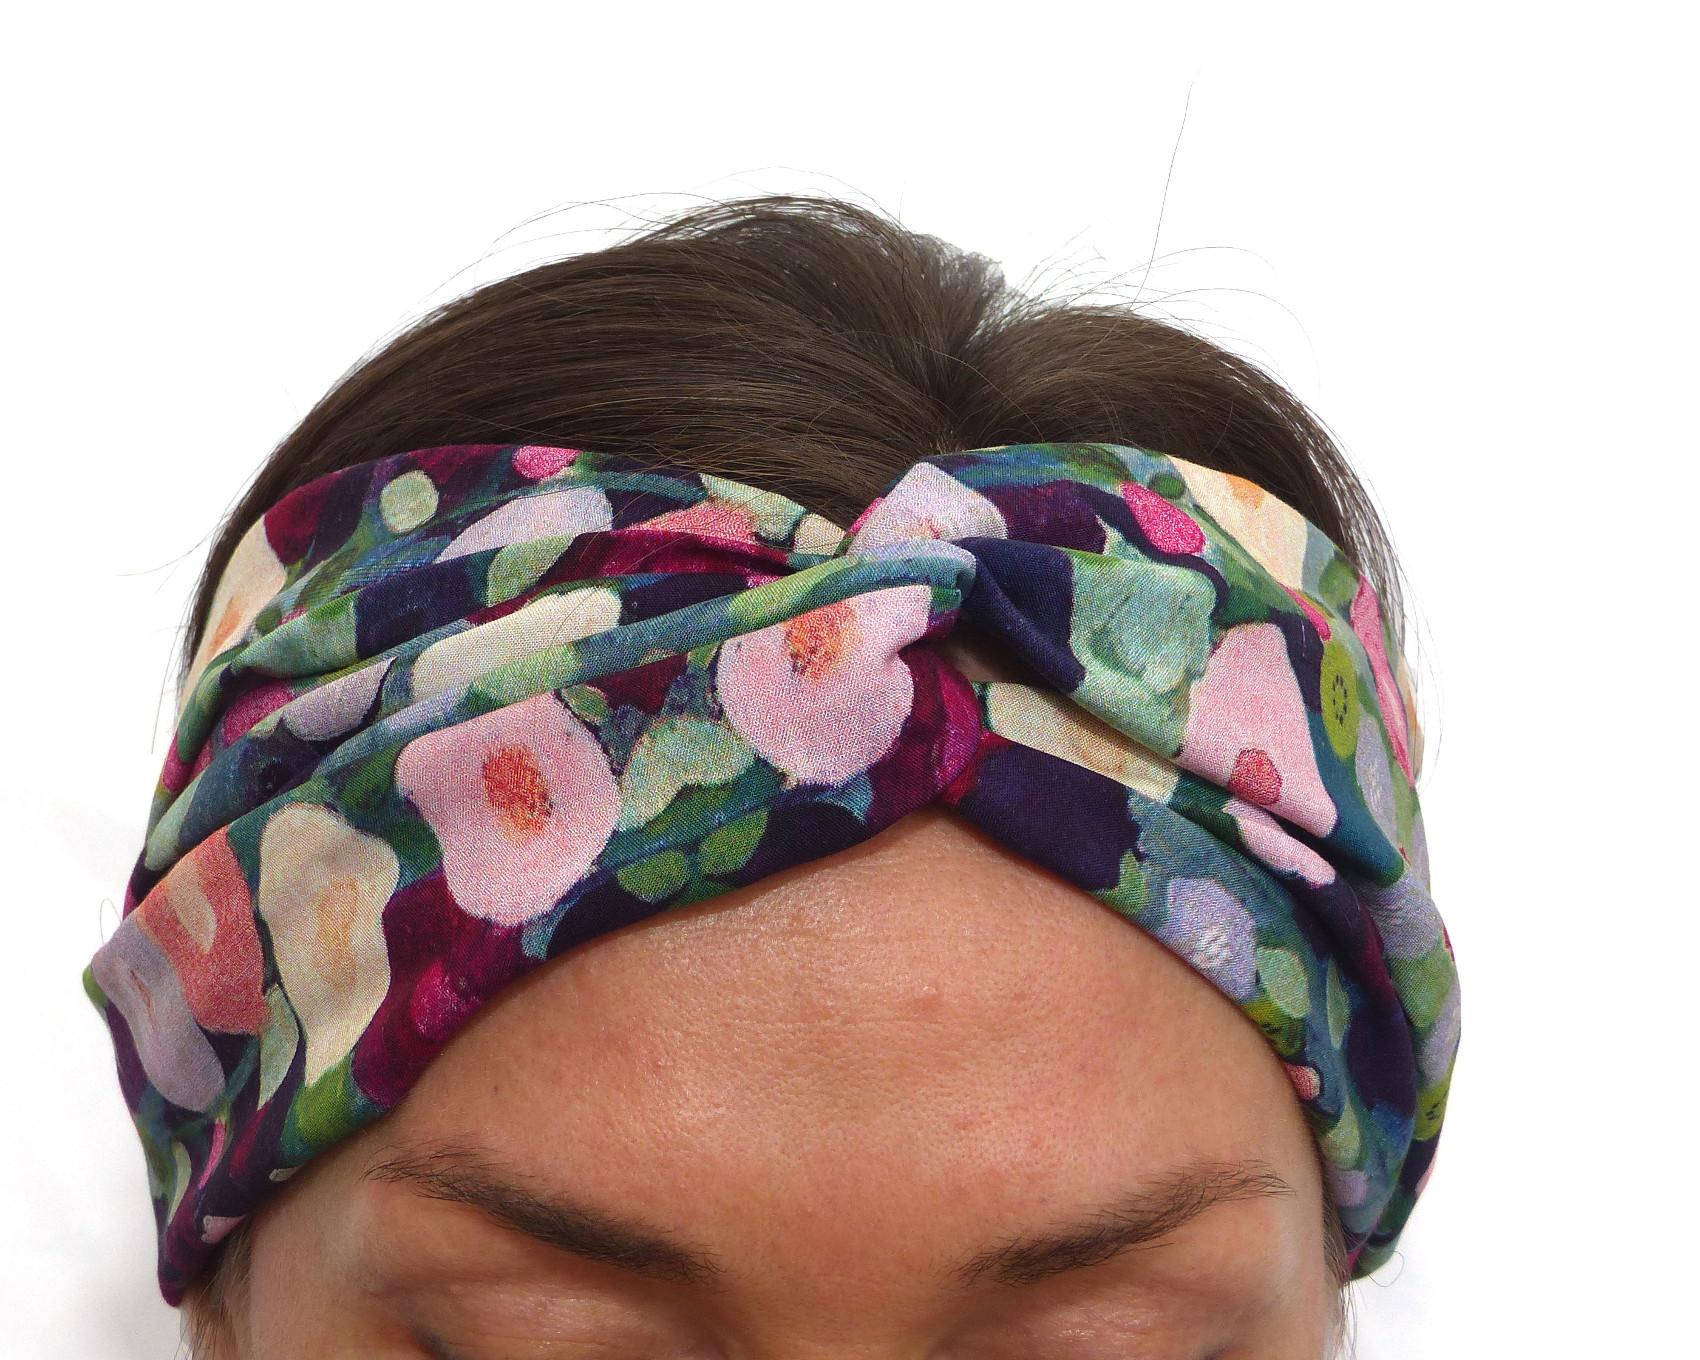 prix raisonnable gamme exclusive acheter de nouveaux Impressionist Floral Twist Headband Viscose